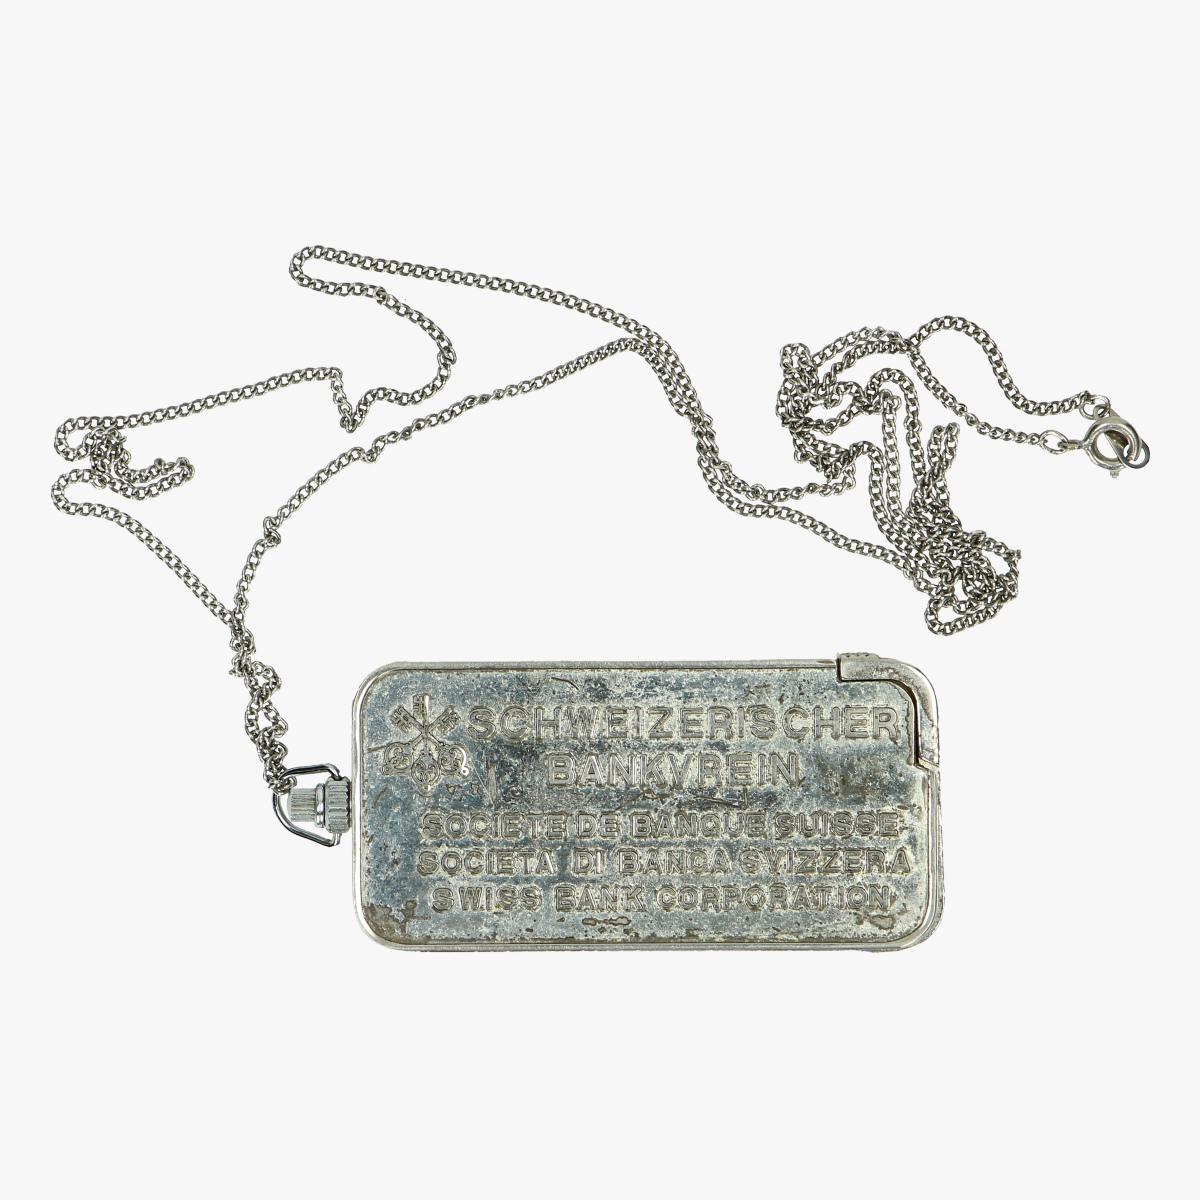 Afbeeldingen van oude aansteker ketting goudbaar 50 gram swiss bank corporation de ketting is 72 cm